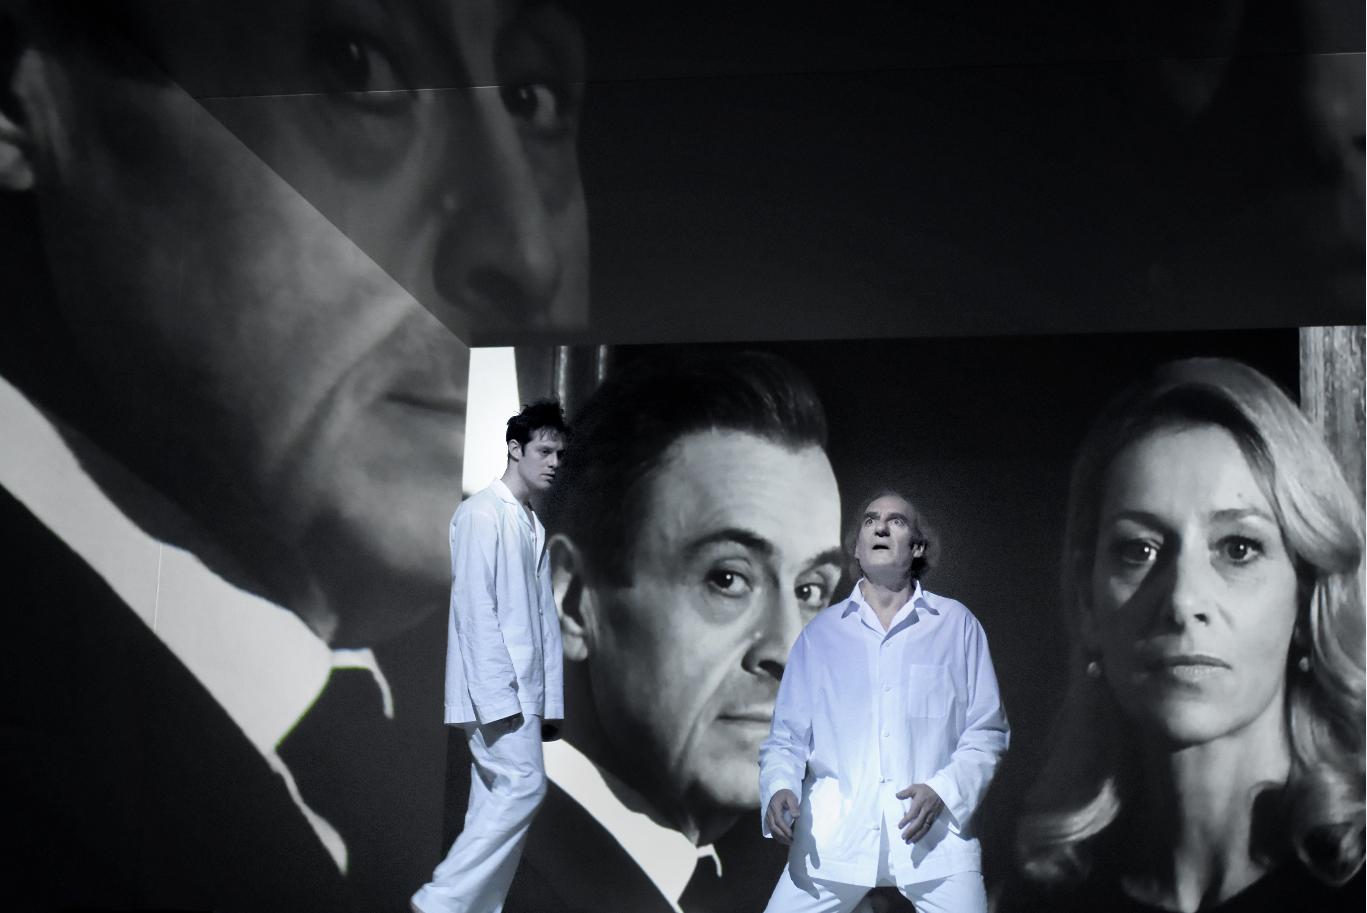 La Tempête, photo officielle extraite du spectacle.